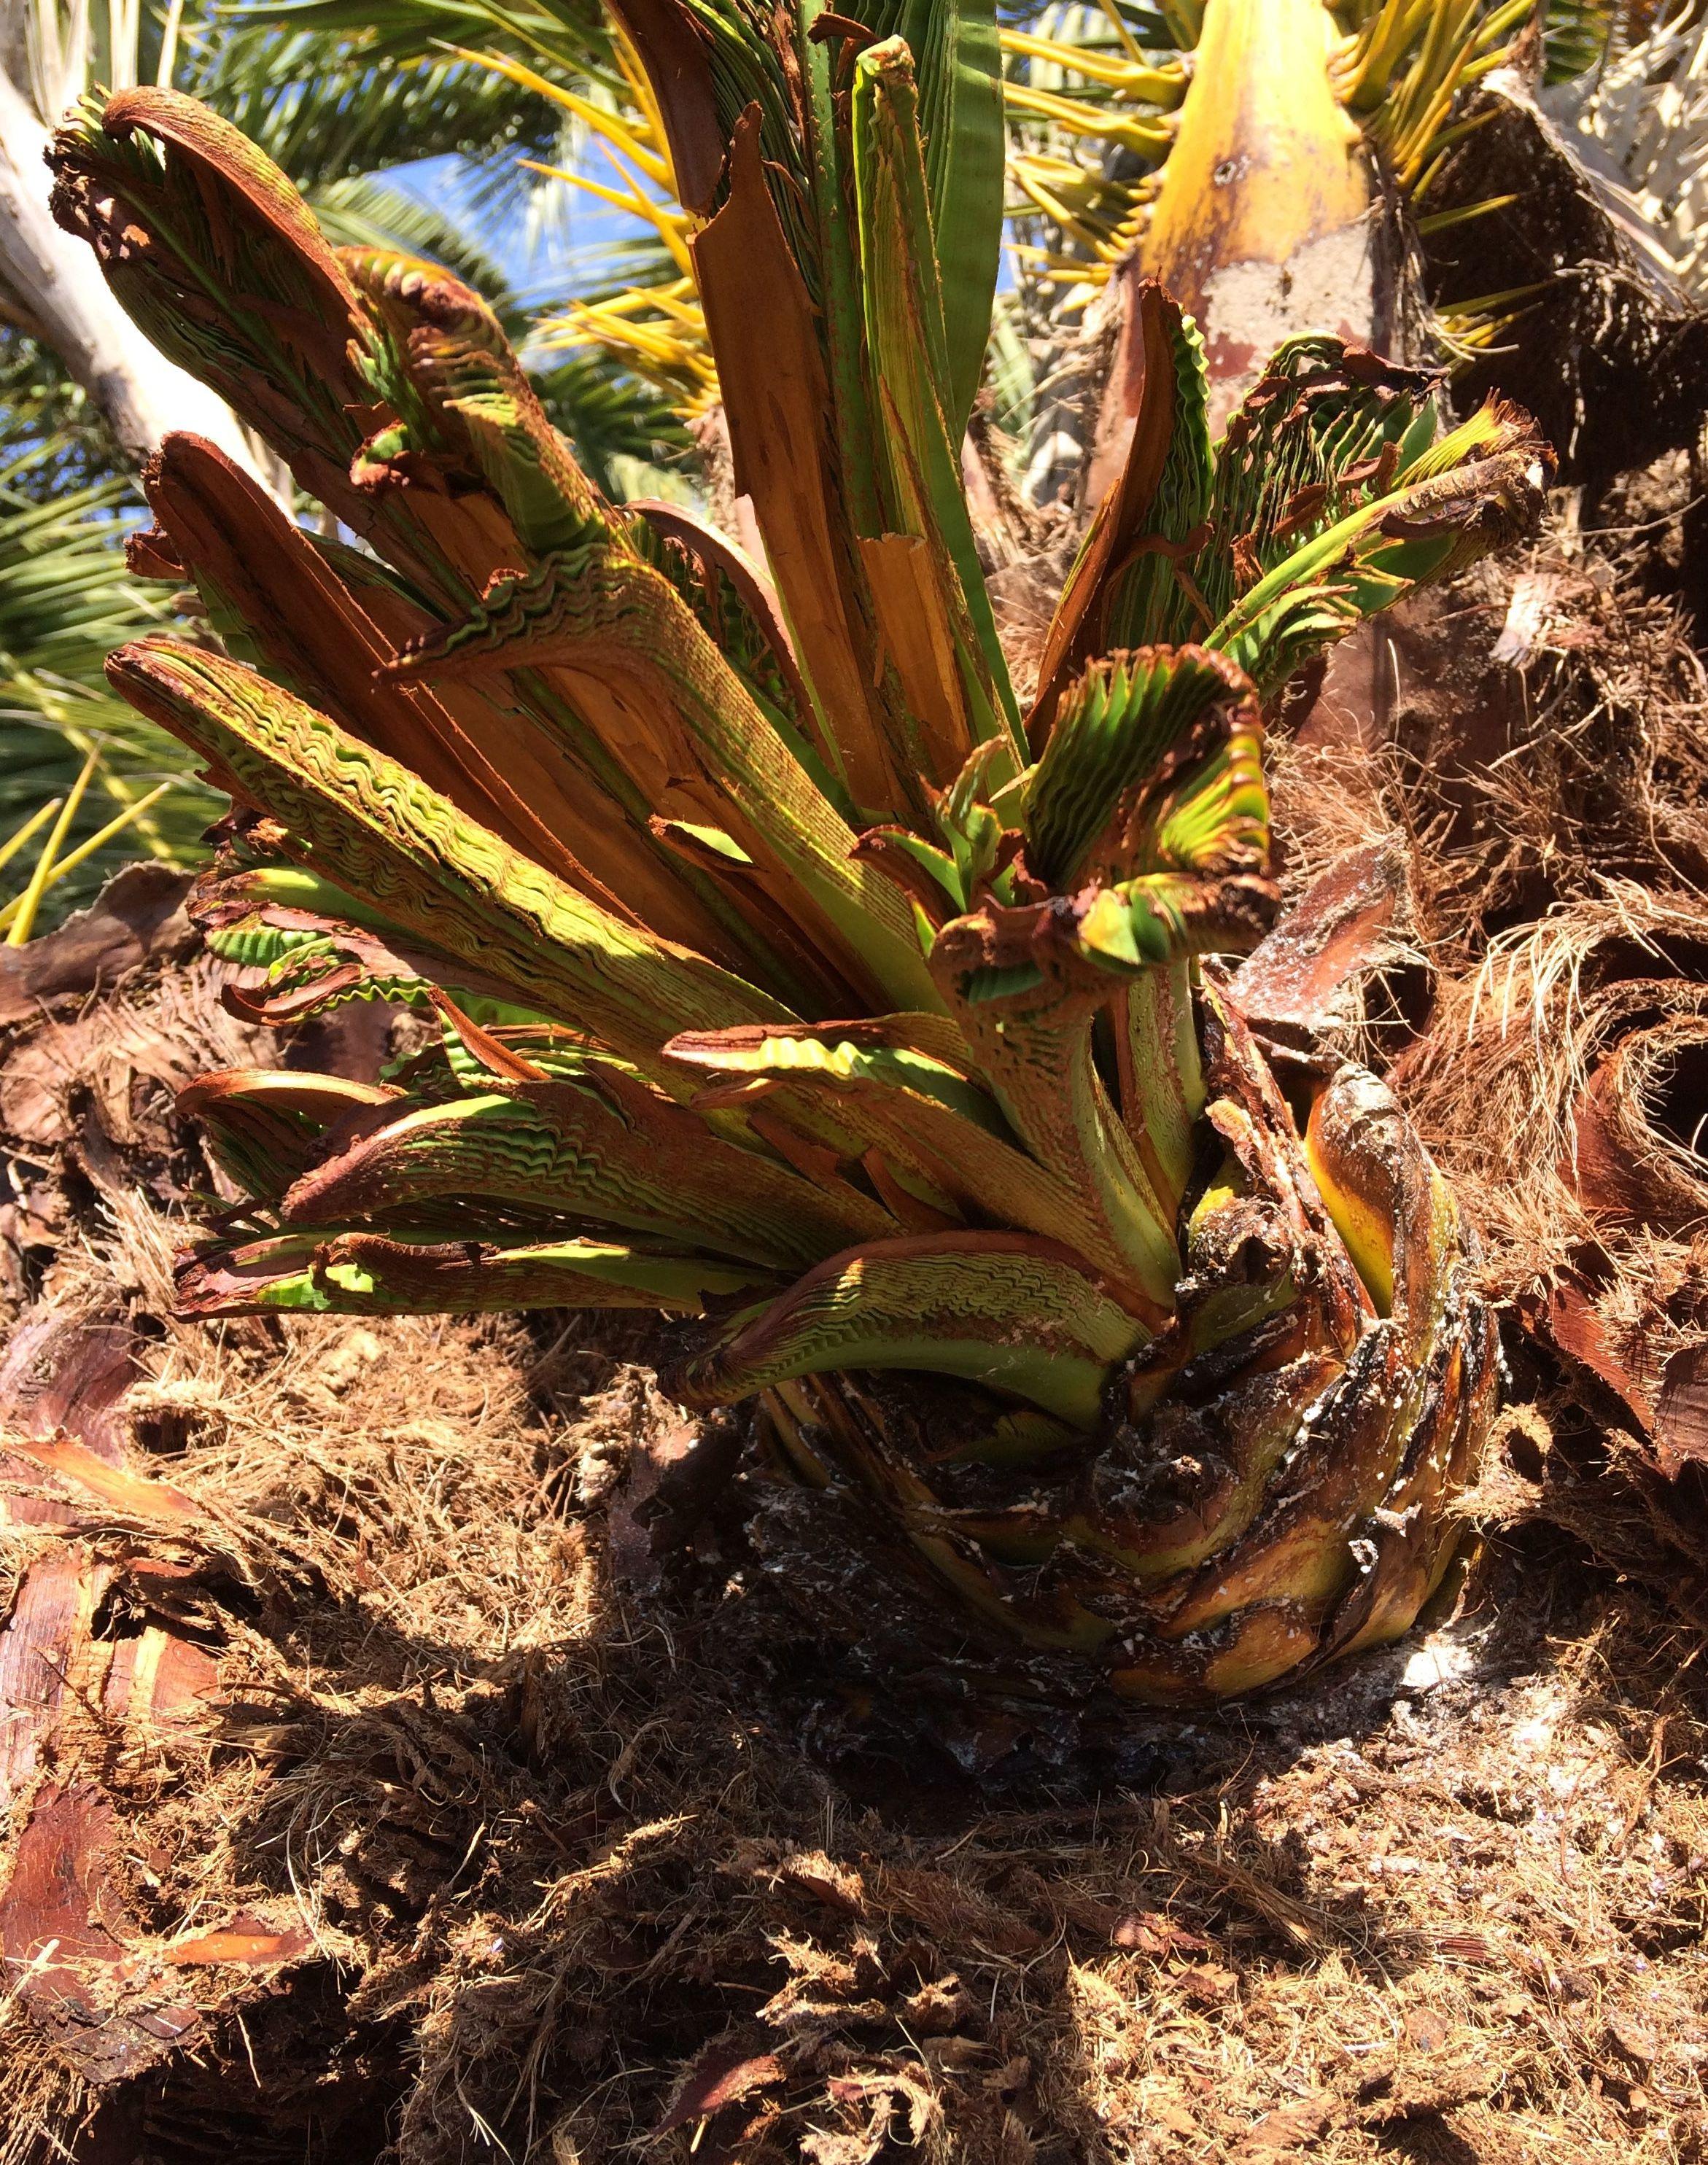 Recuperación de phoenix canariensis atacada por picudo